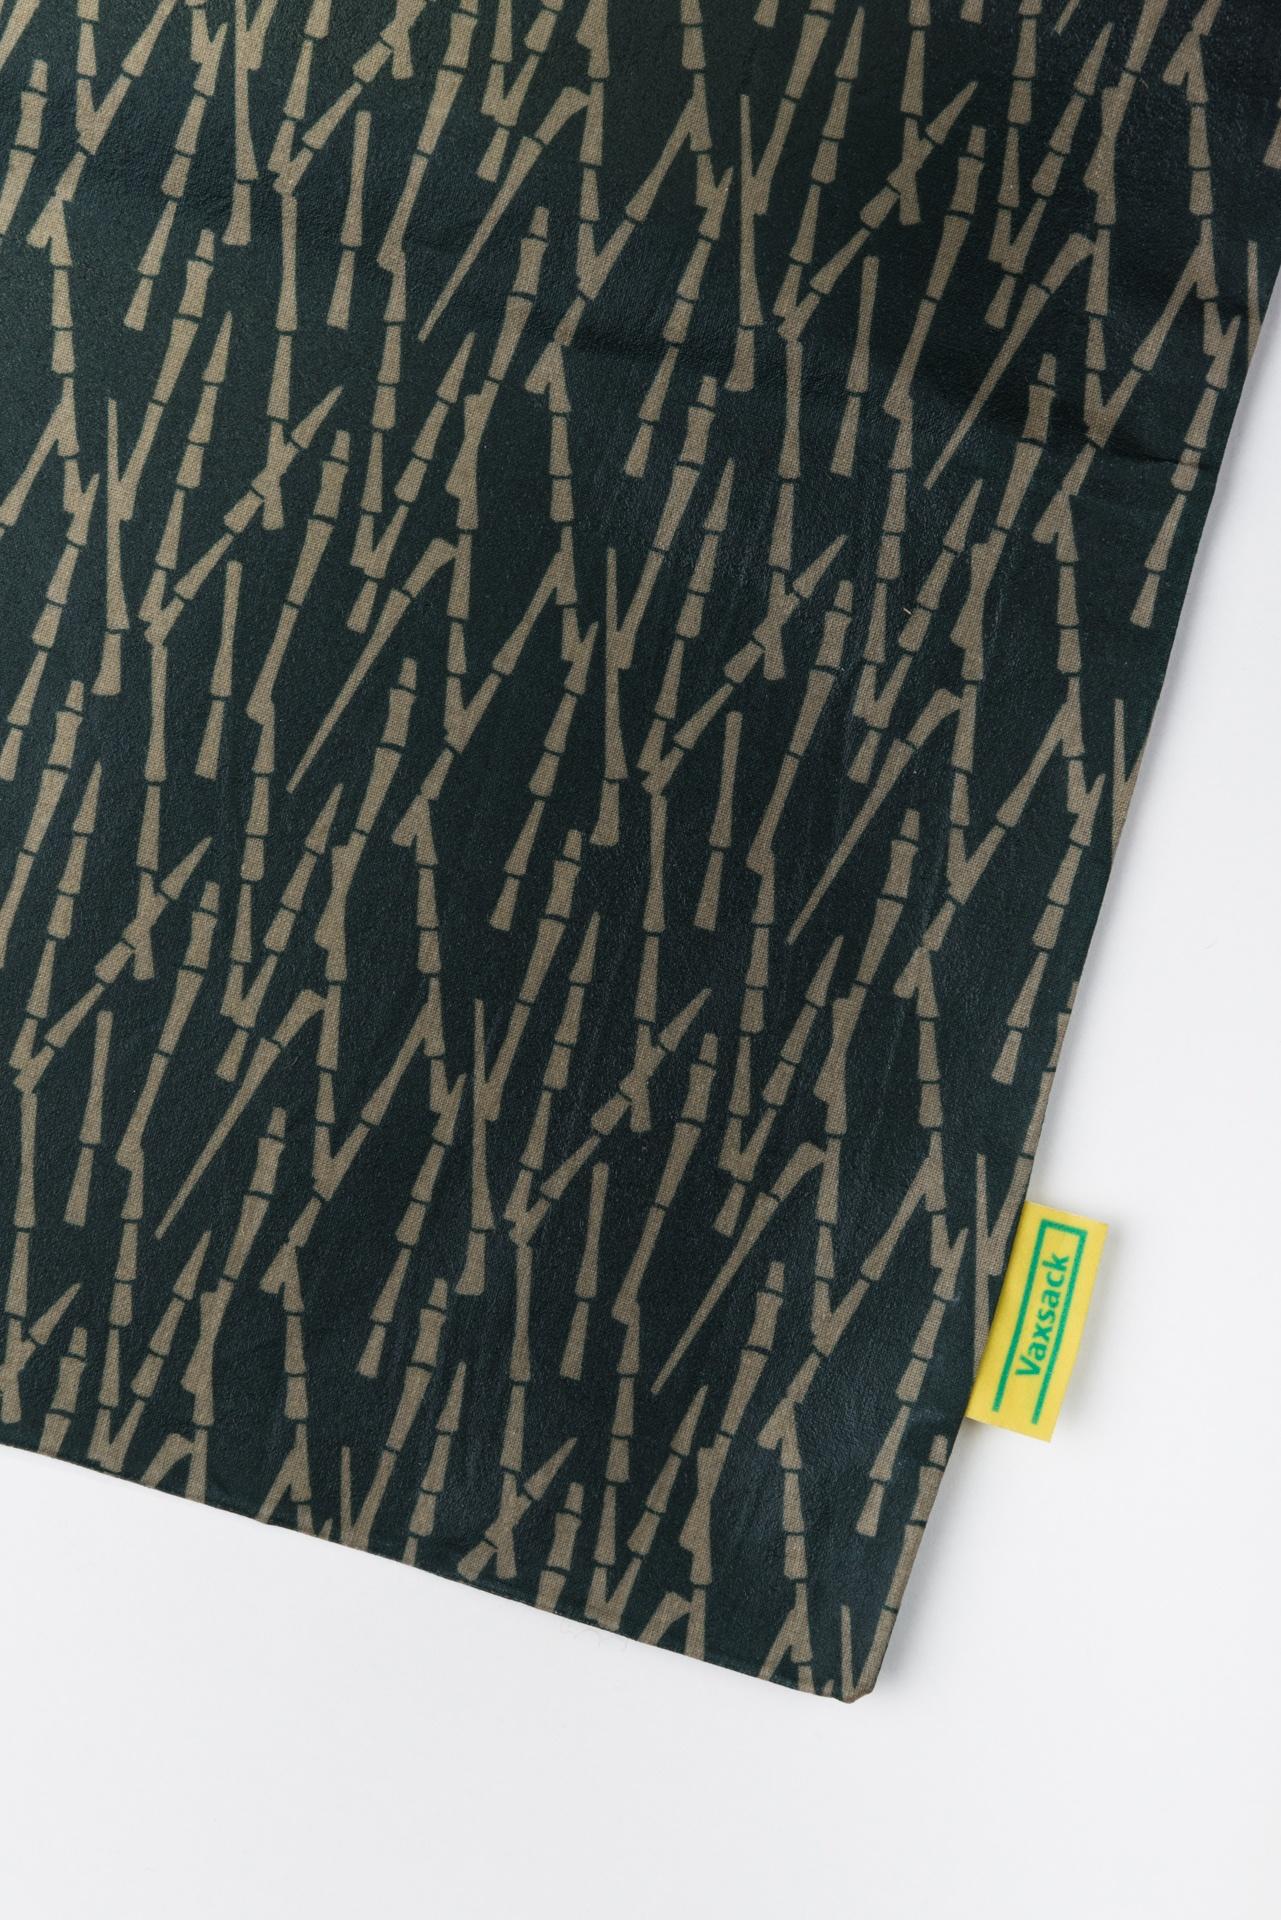 Wachssack L Vaxsack Vaxtuch nahaufnahme Produktbild Bambus